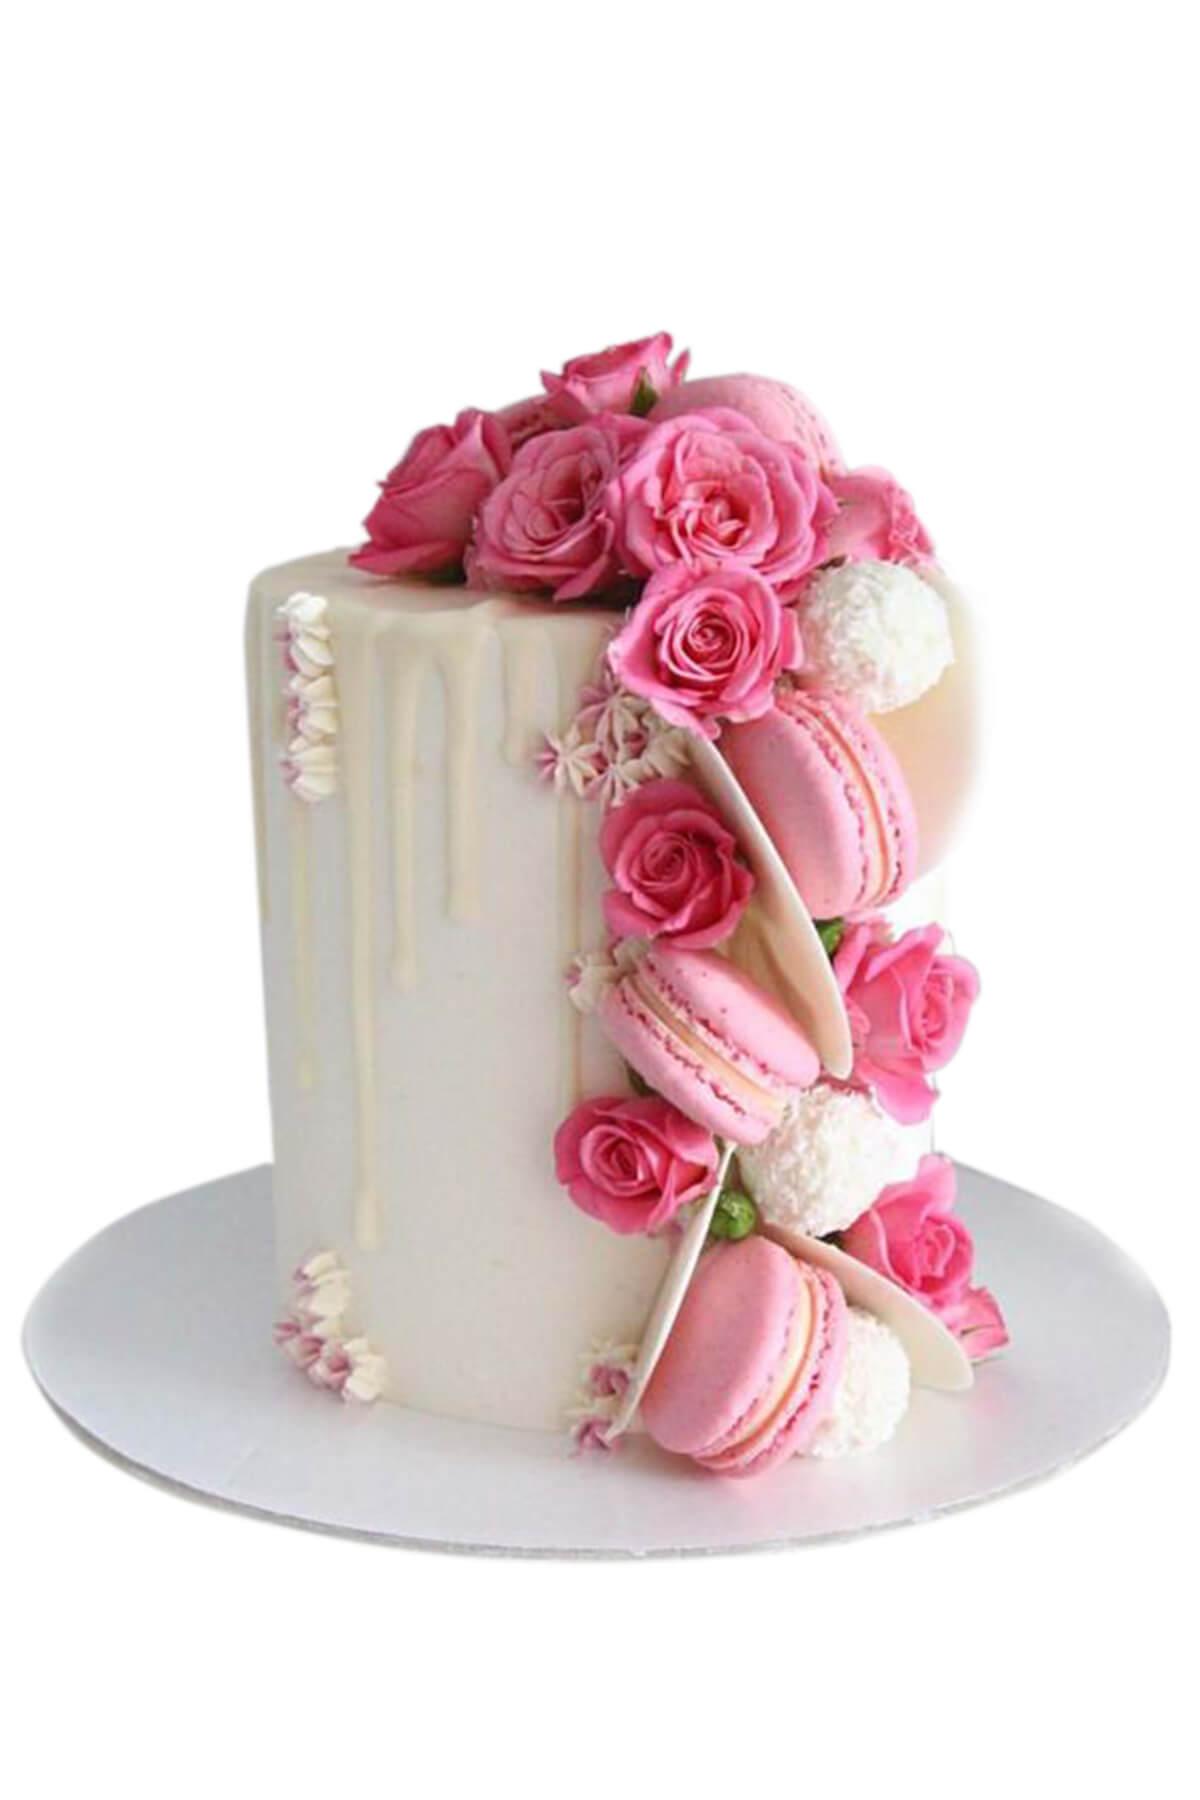 Bánh kem trang trí bằng hoa tươi và macaron xinh yêu kiều tặng phụ nữ